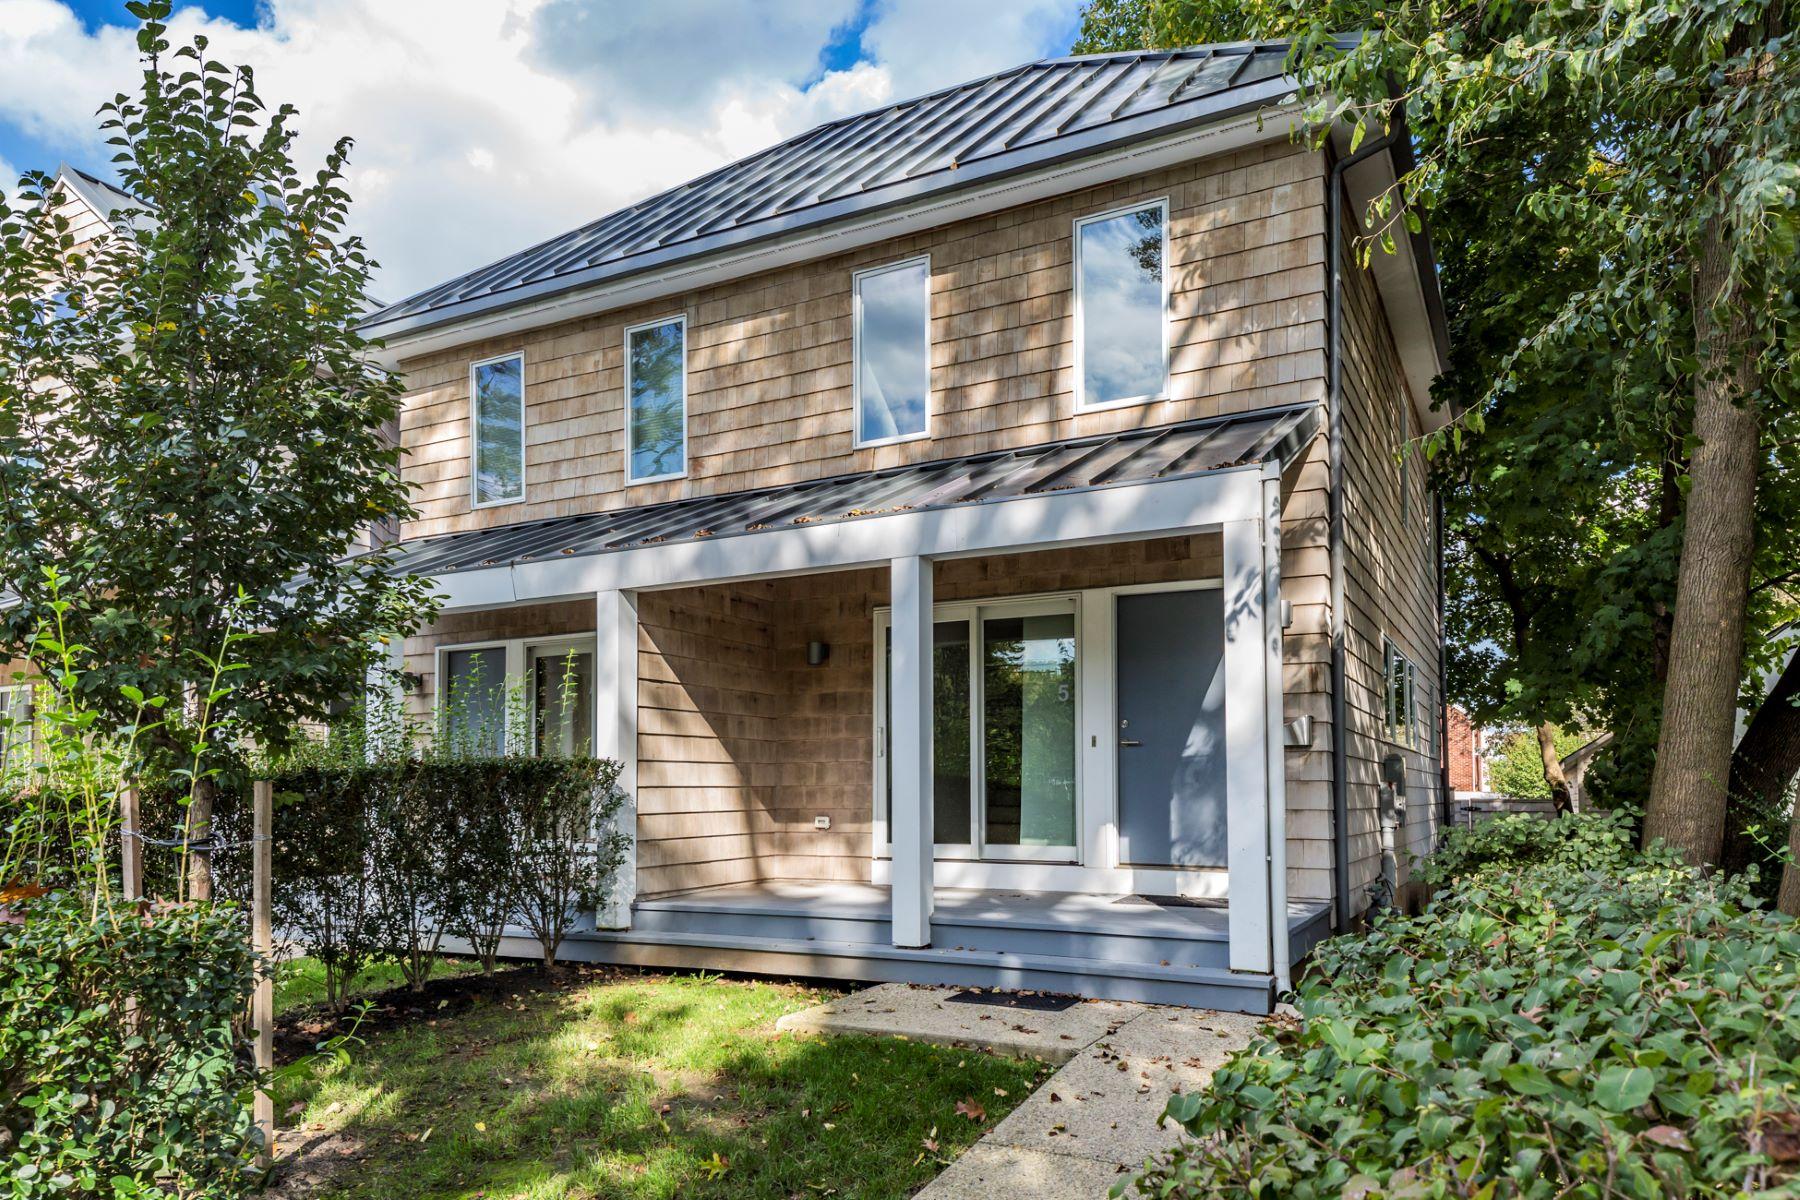 Таунхаус для того Продажа на Clean, Cool Spaces, Bathed in Natural Light 5 Greenview Avenue, Princeton, Нью-Джерси 08542 Соединенные ШтатыВ/Около: Princeton